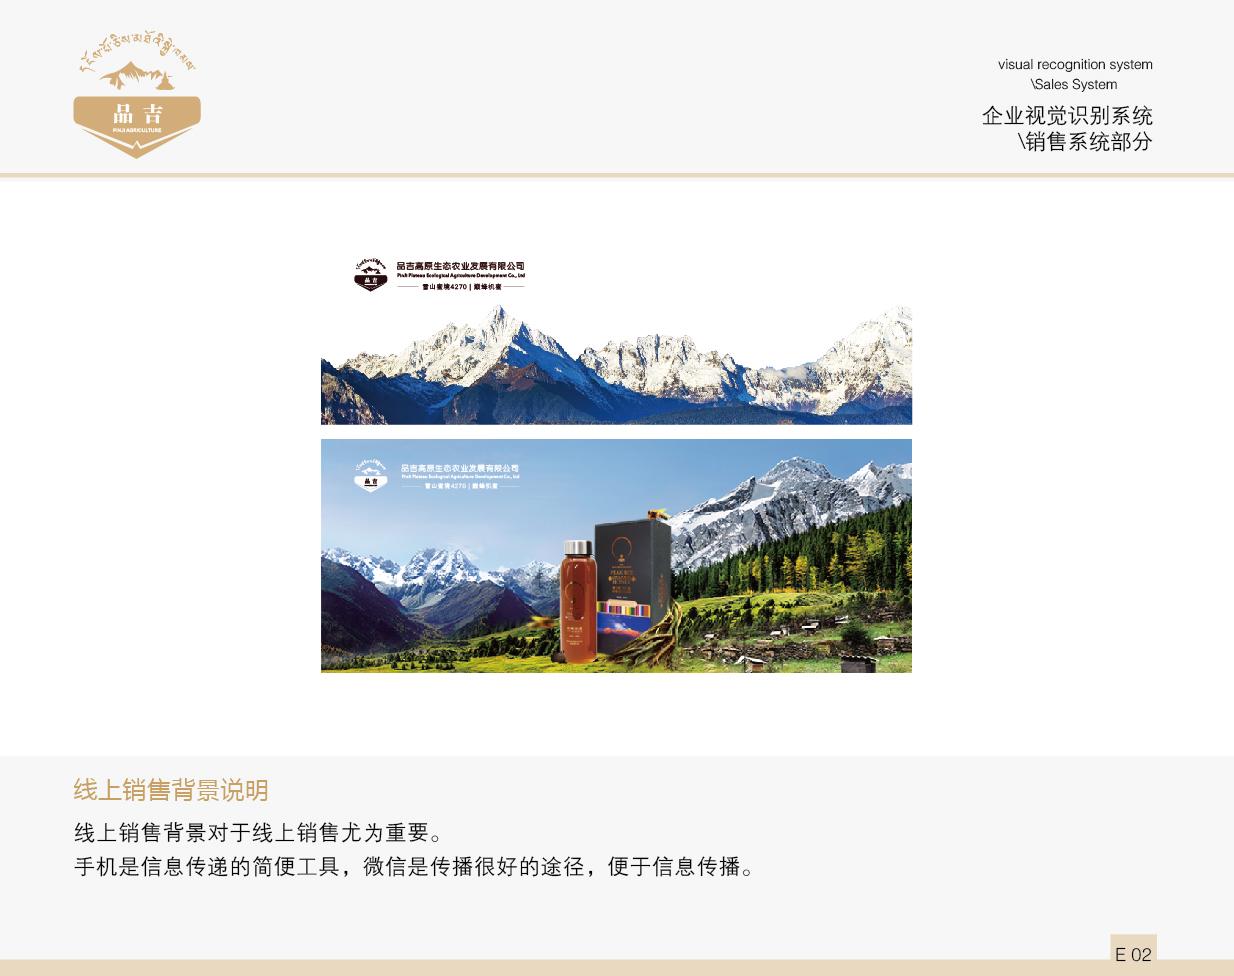 品吉农业VI 销售系统部分  客户资料  第3张